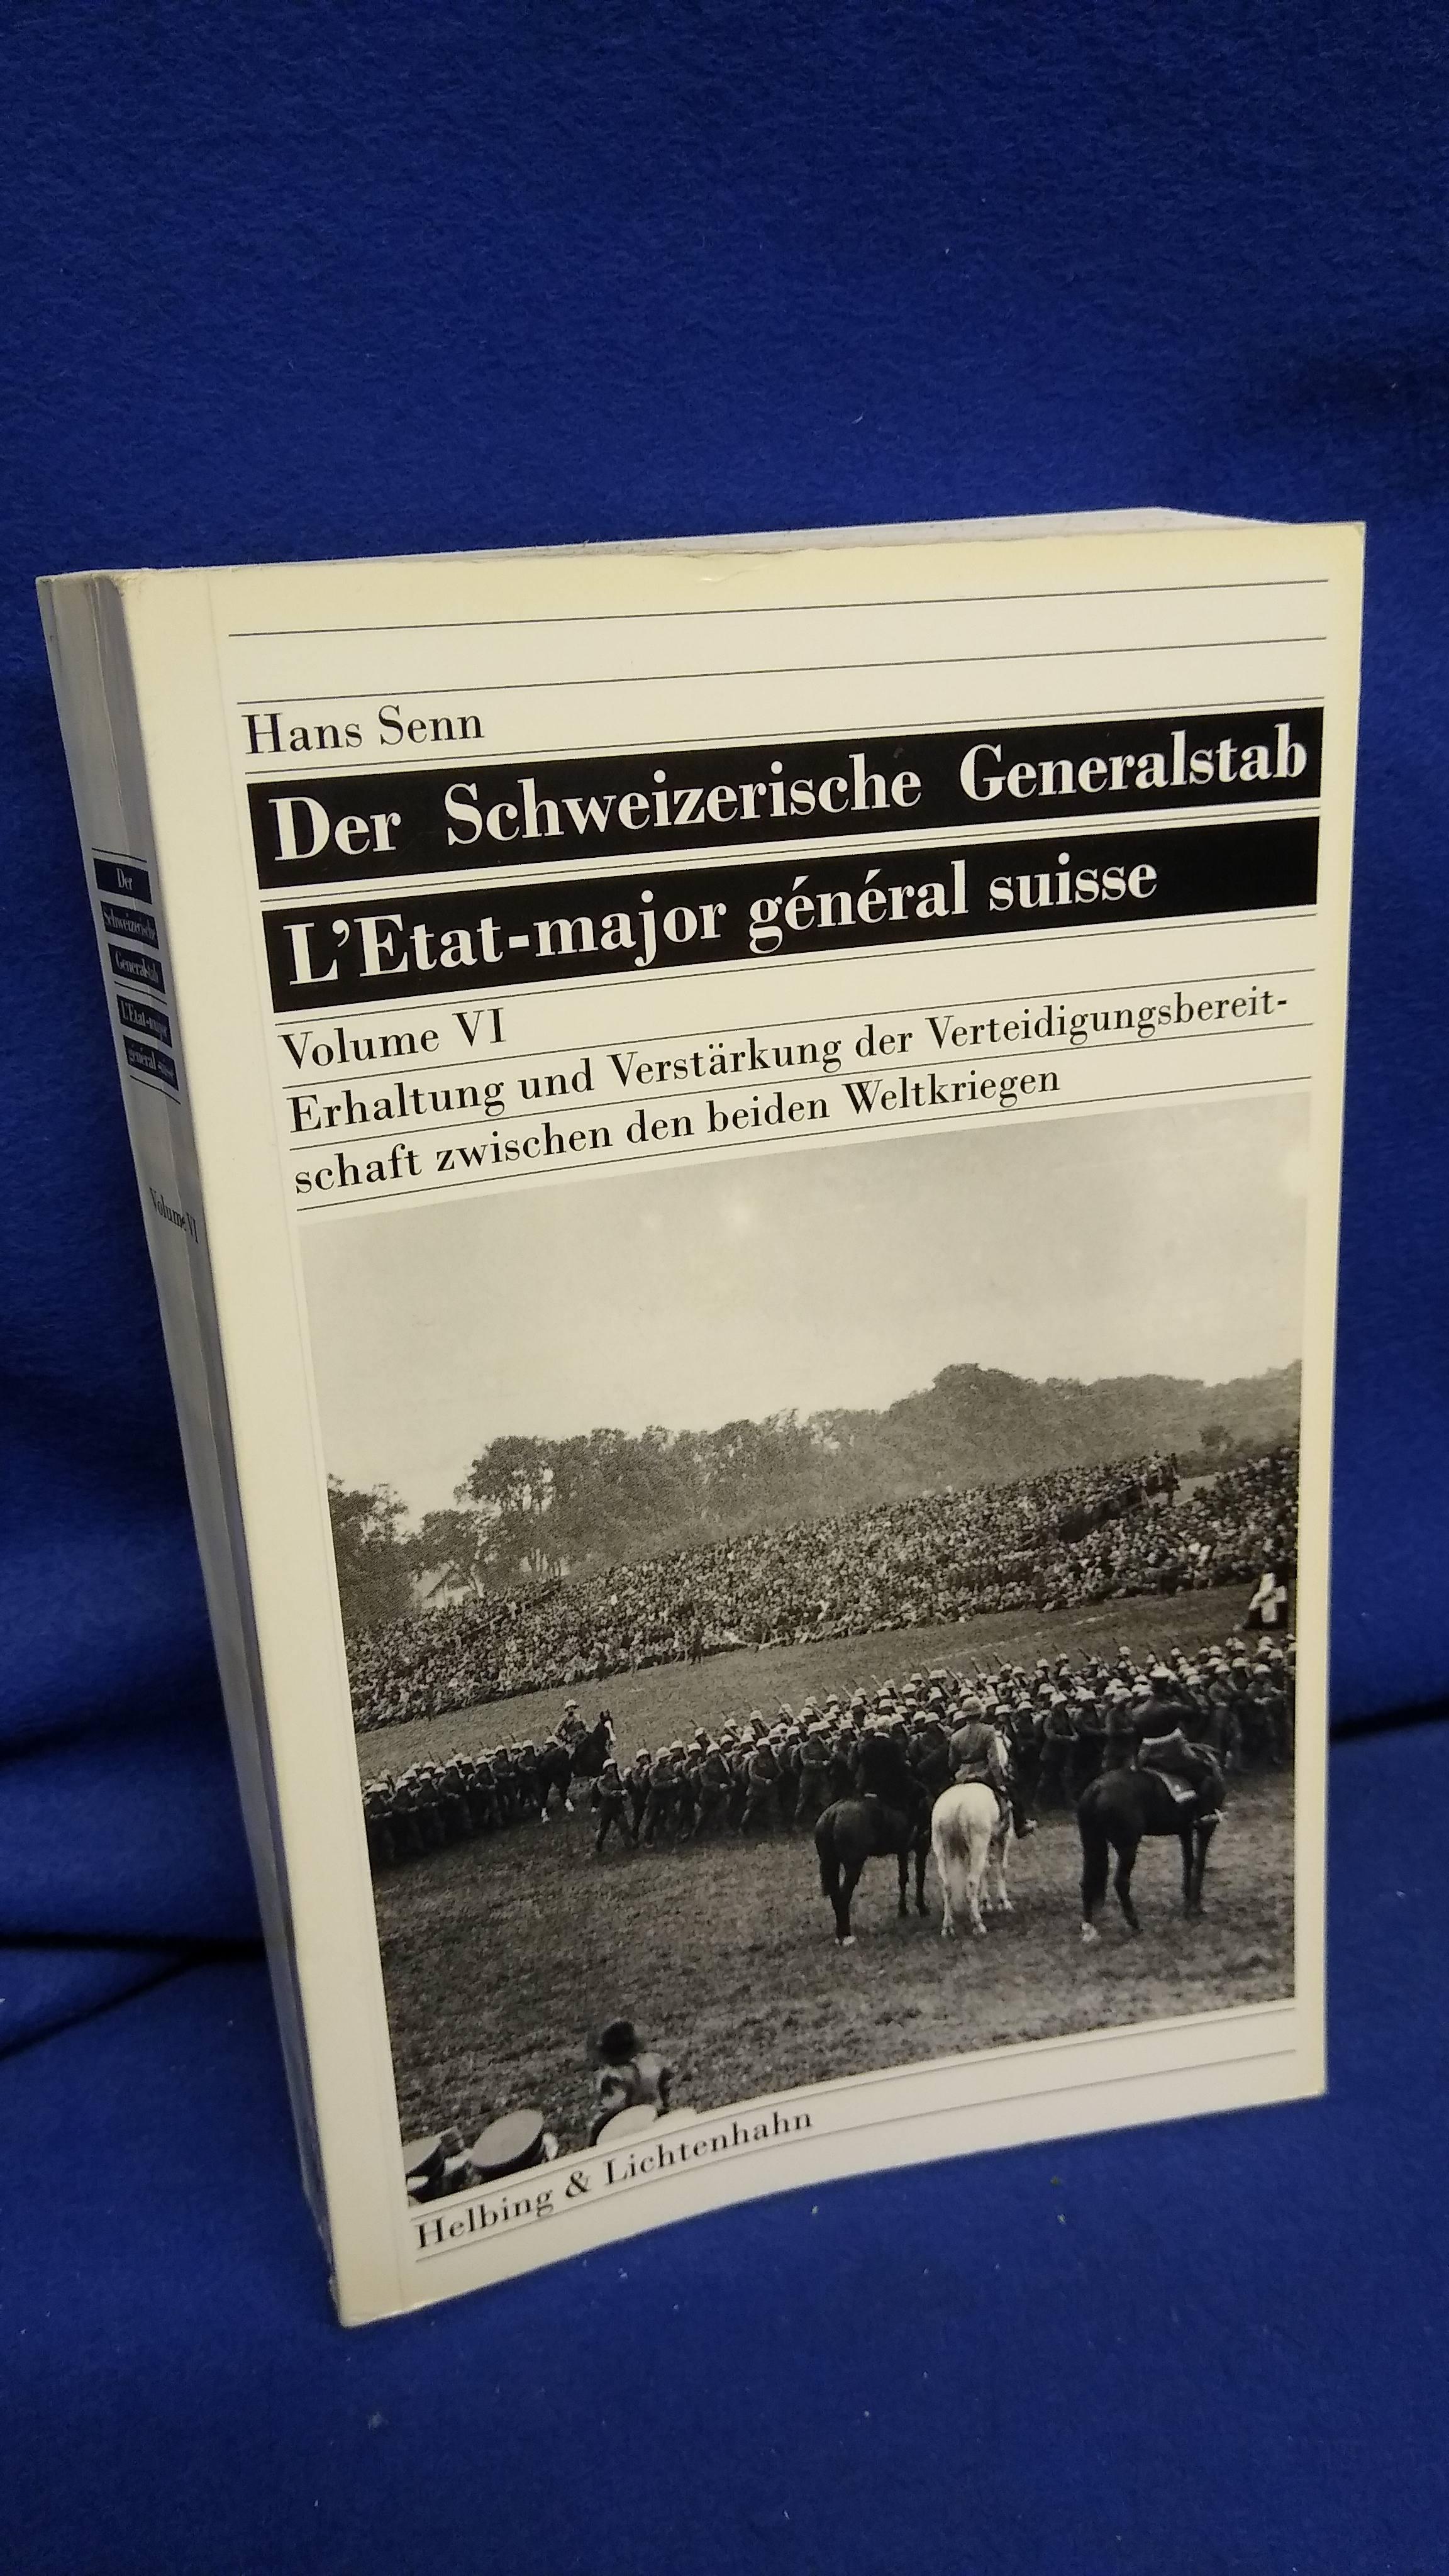 Der Schweizerische Generalstab - Band: VI: Erhaltung und Verstärkung der Verteidigungsbereitschaft zwischen den beiden Weltkriegen.